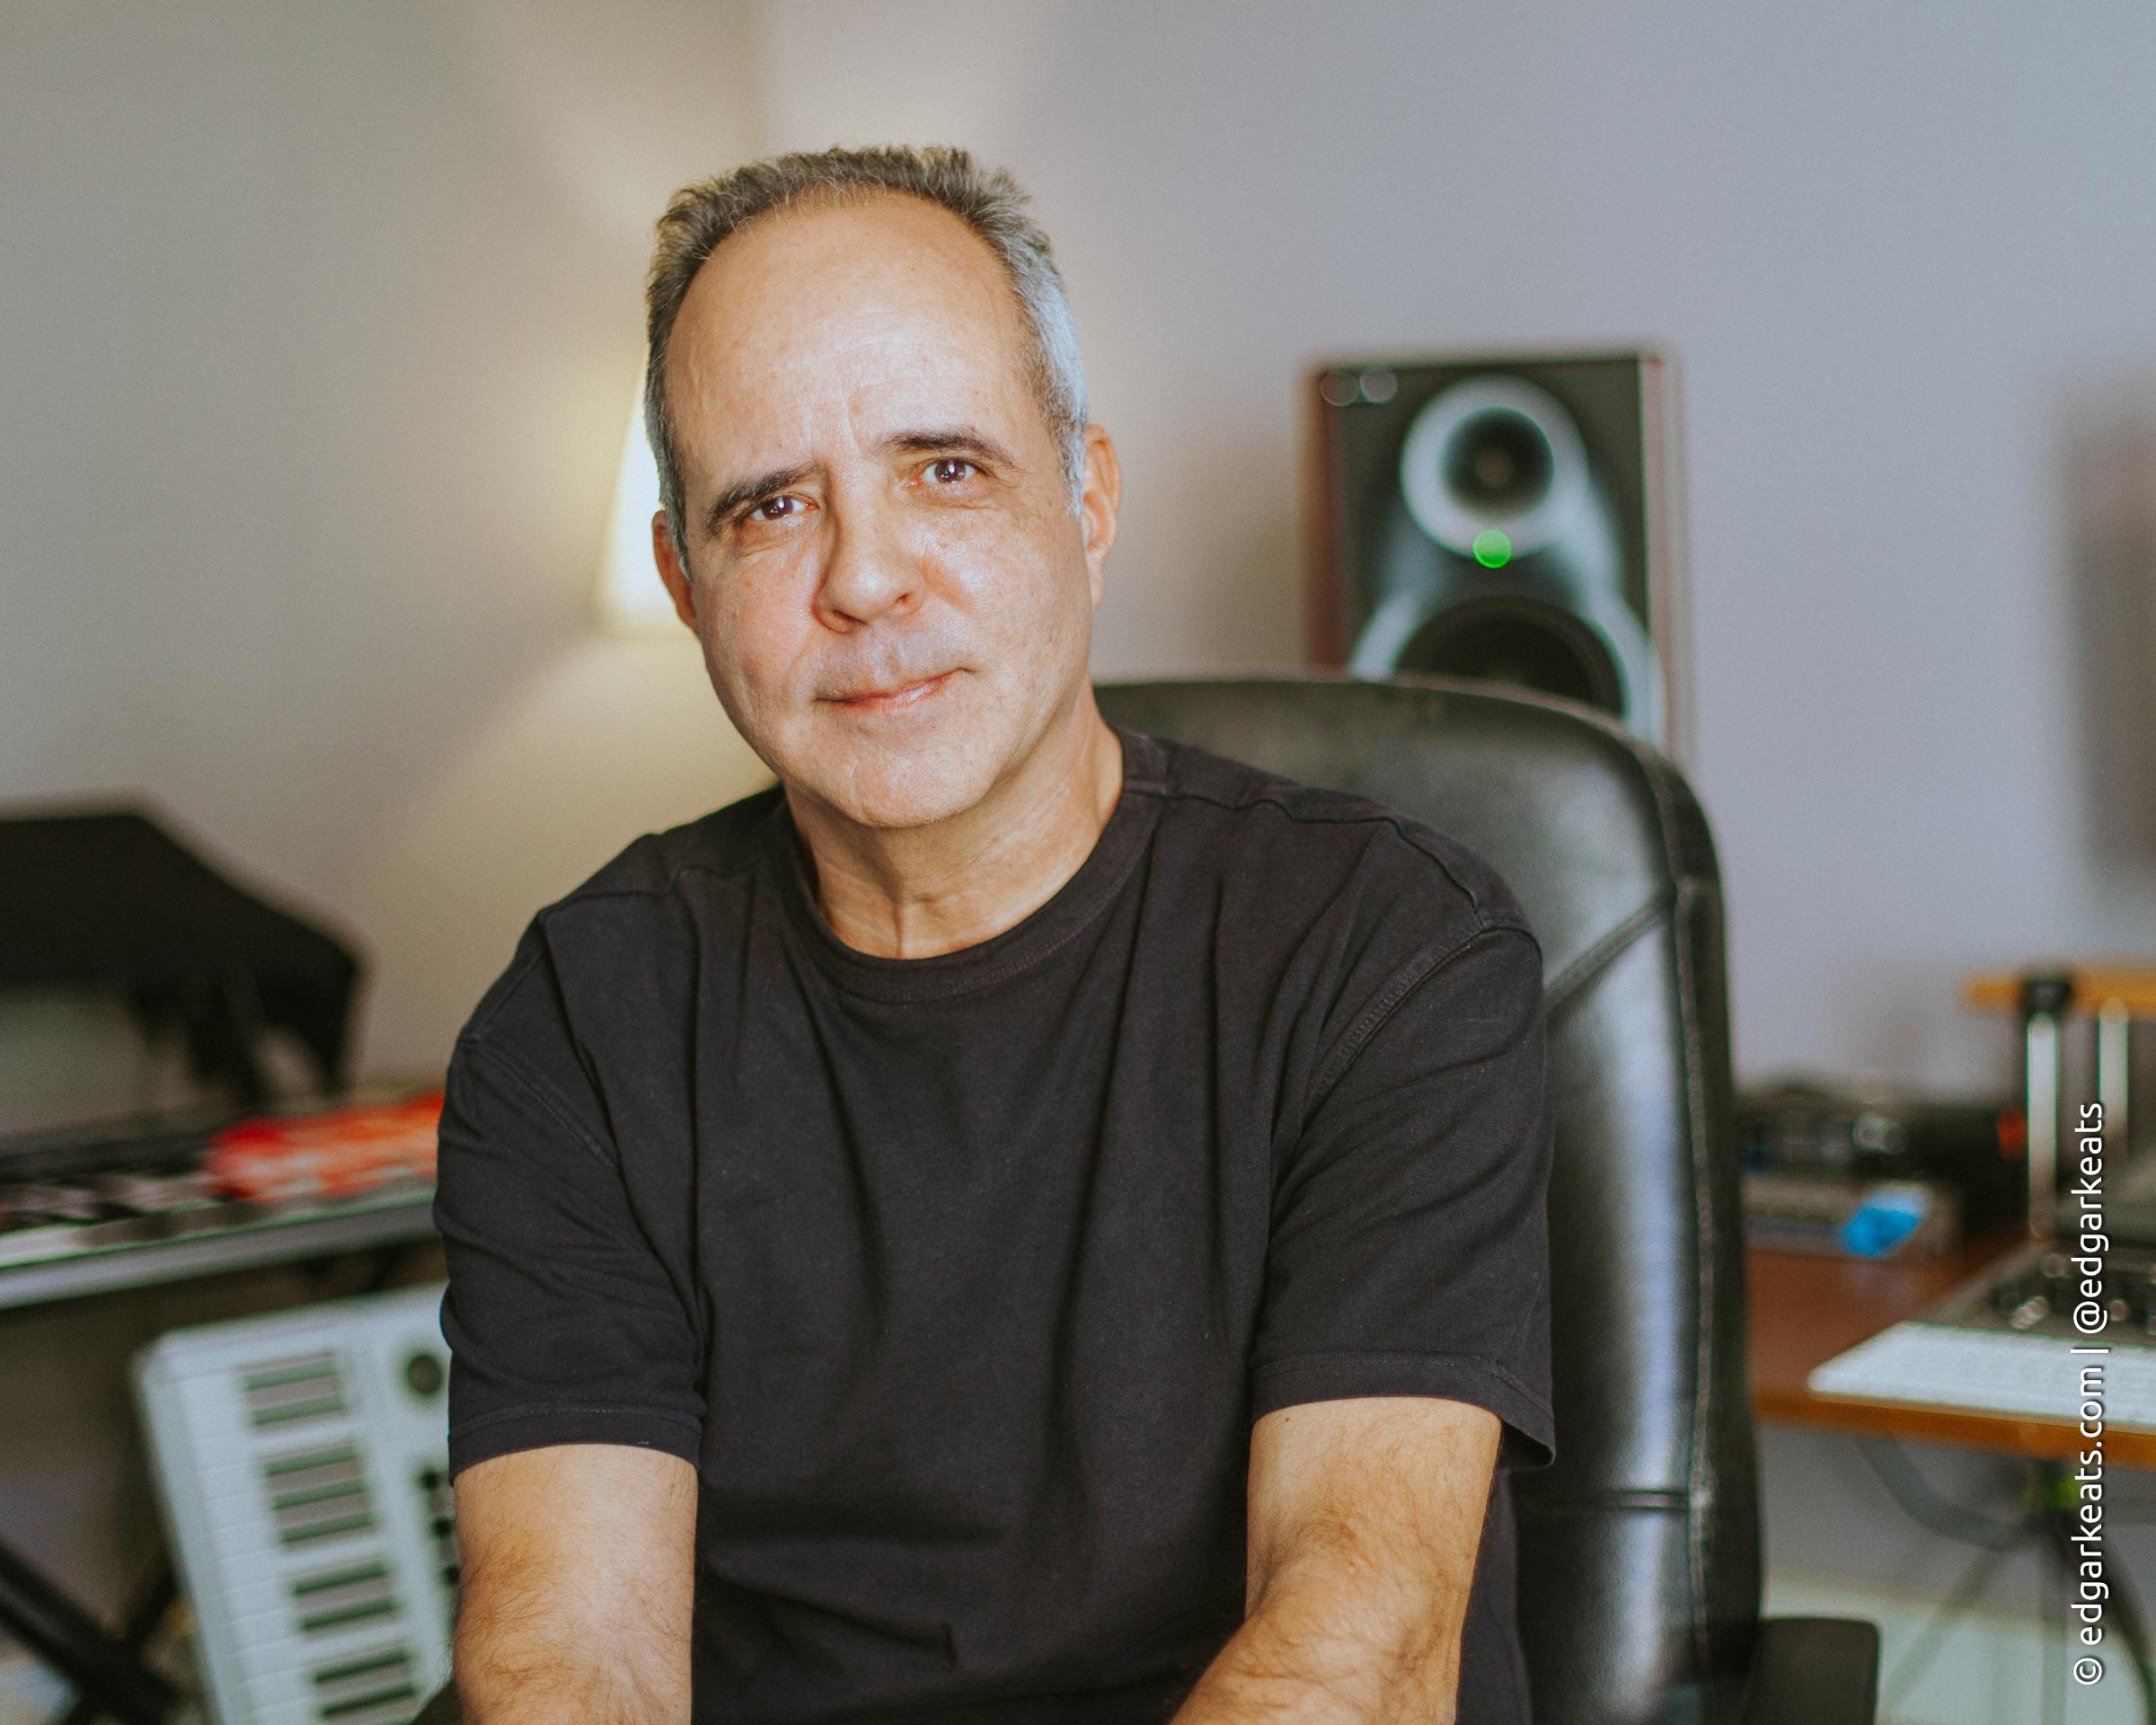 O Método é o novo álbum de Rodrigo Leão